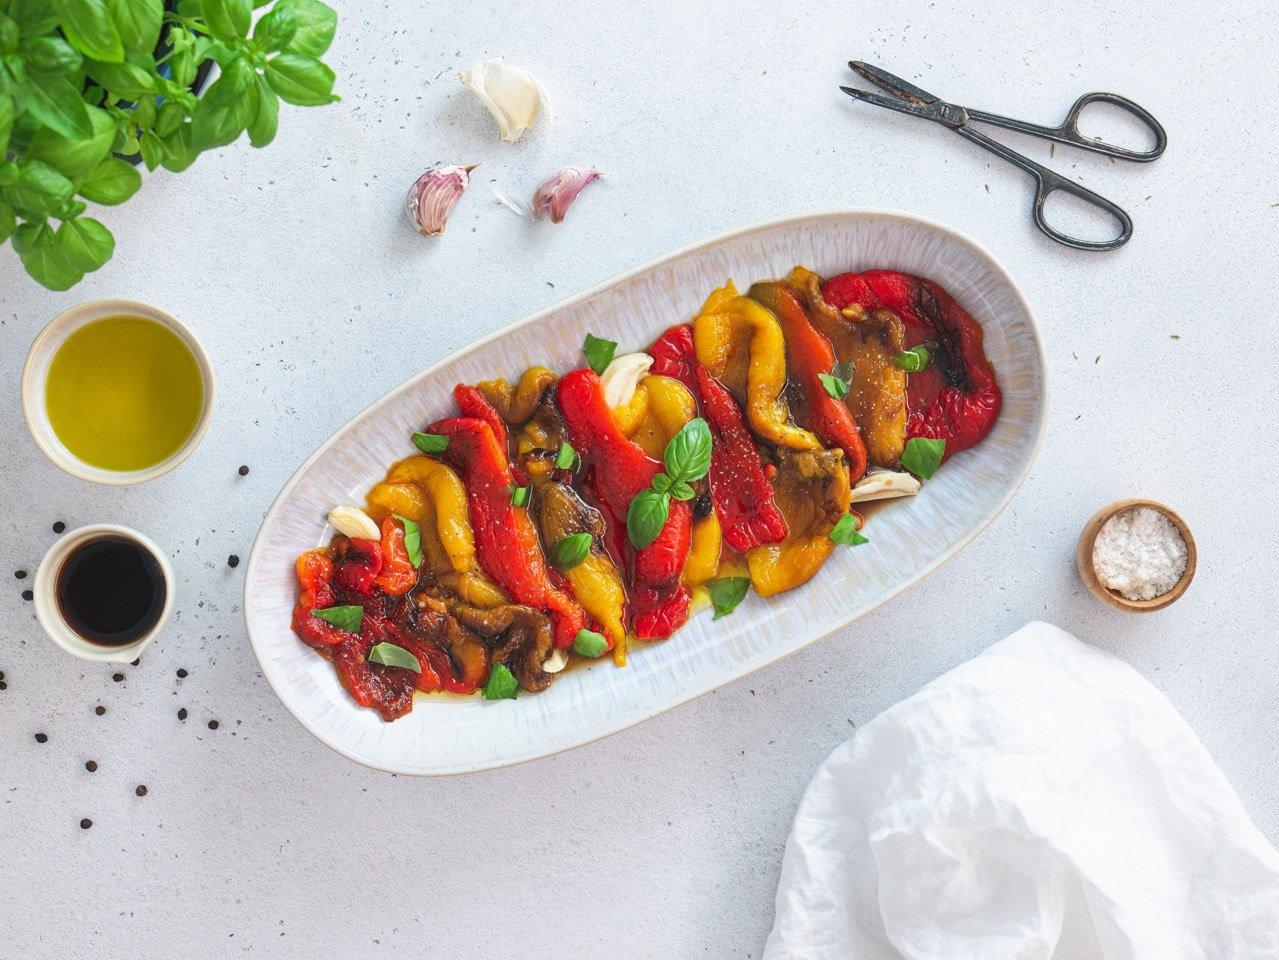 Italian marinated roasted peppers